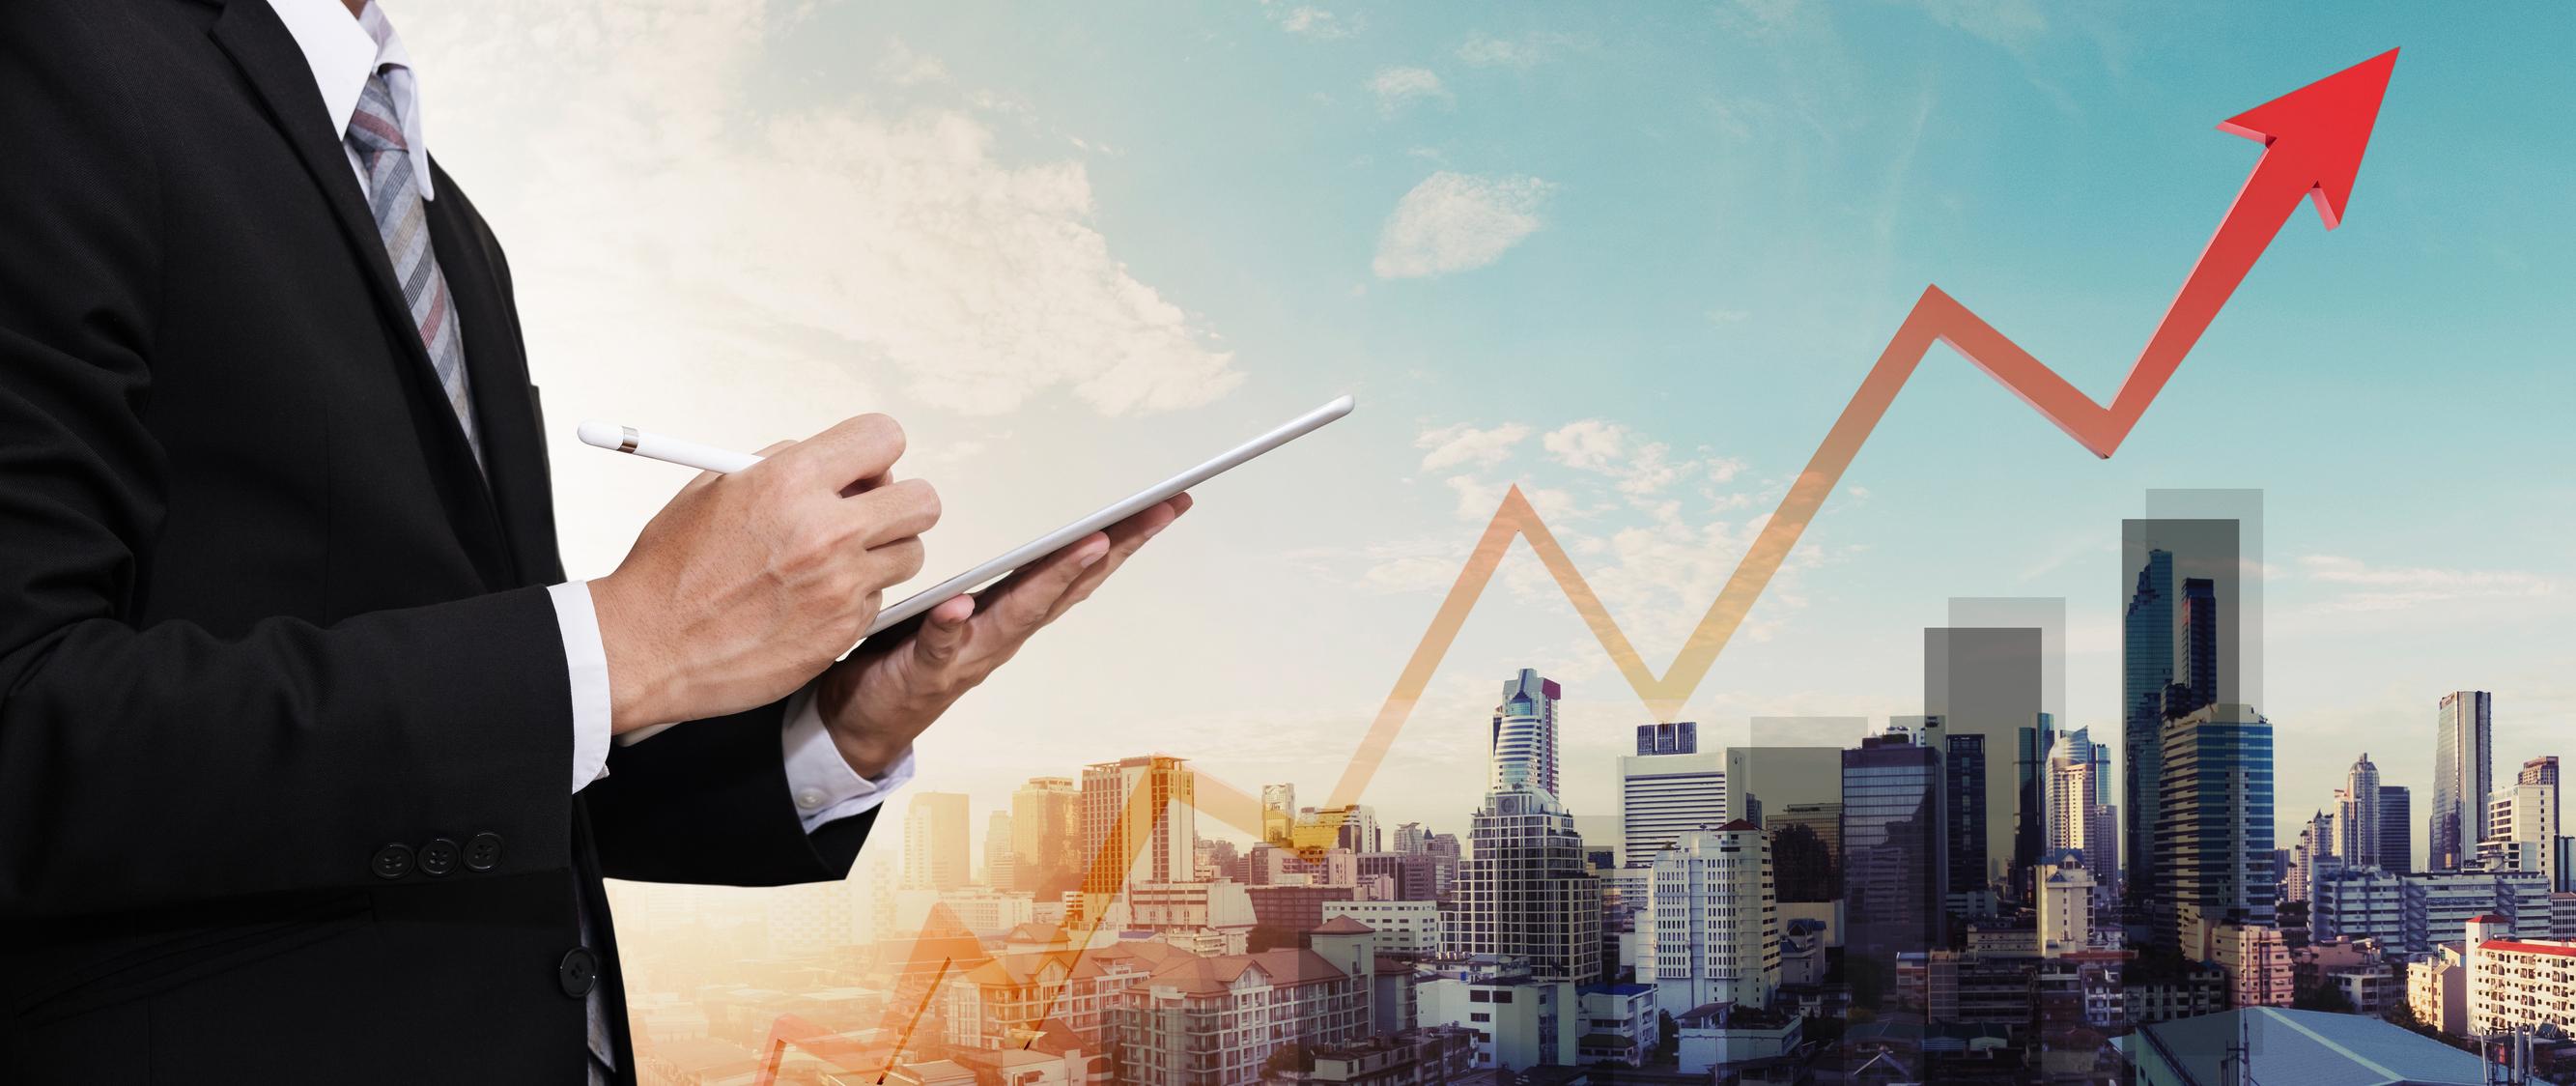 Tips Investor Properti